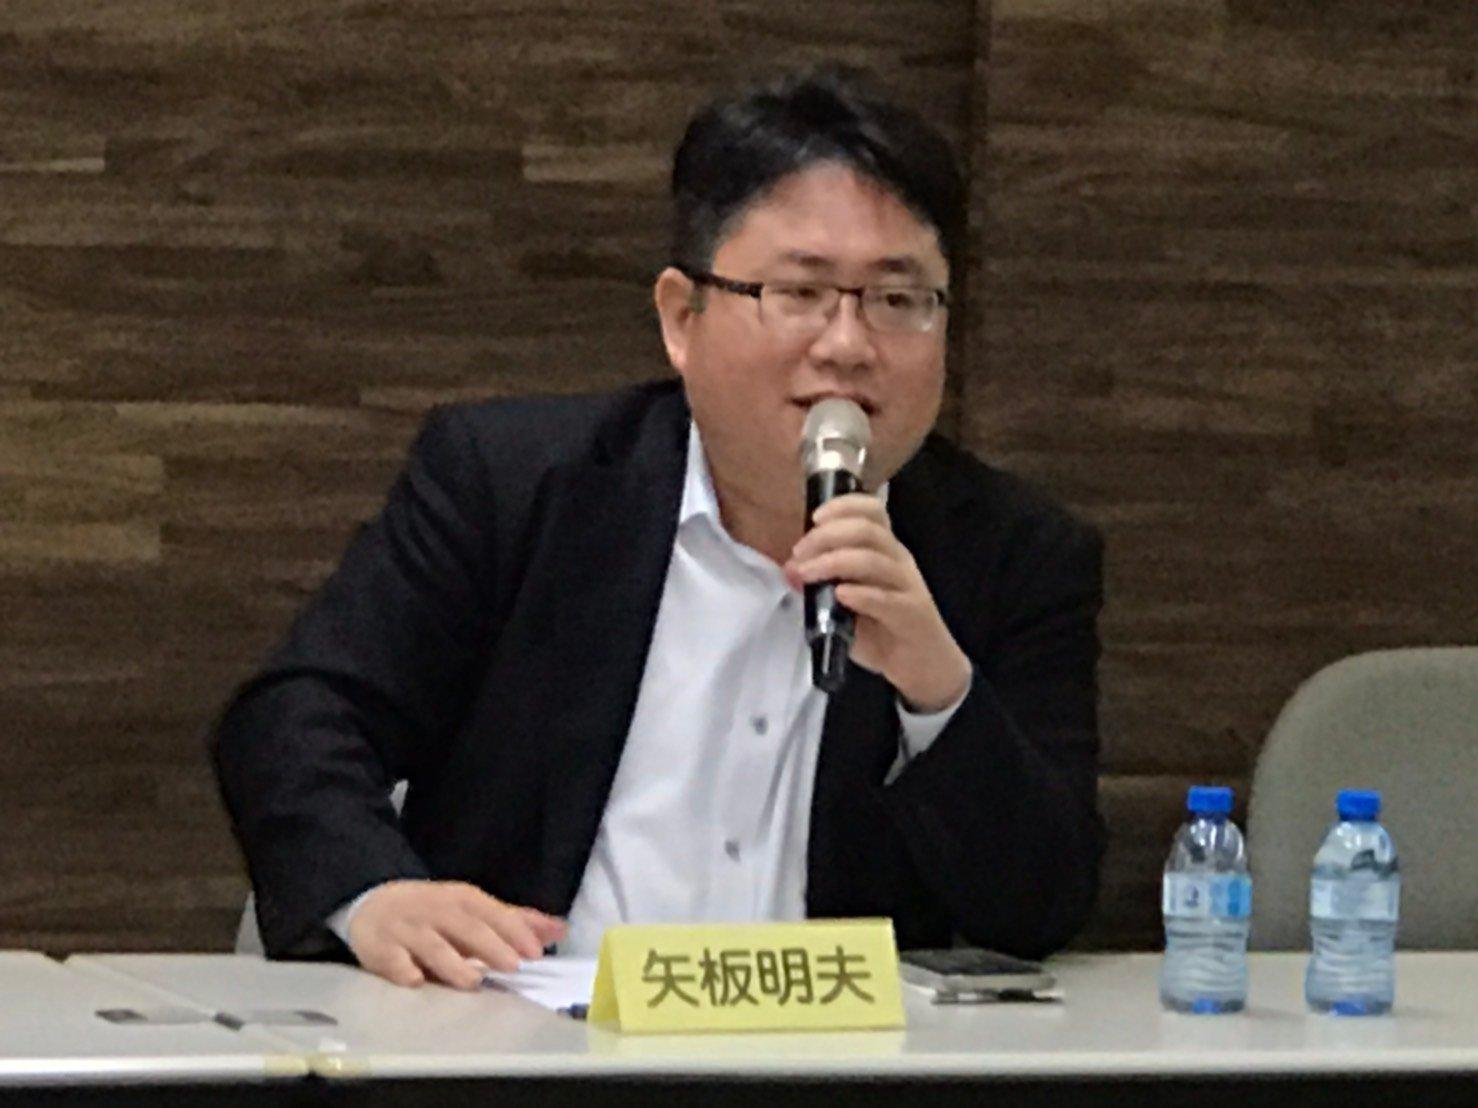 2020年12月12日,中國問題專家矢板明夫表示,特朗普當選對,對日本、台灣與整個亞洲有很大好處。(李怡欣/大紀元)